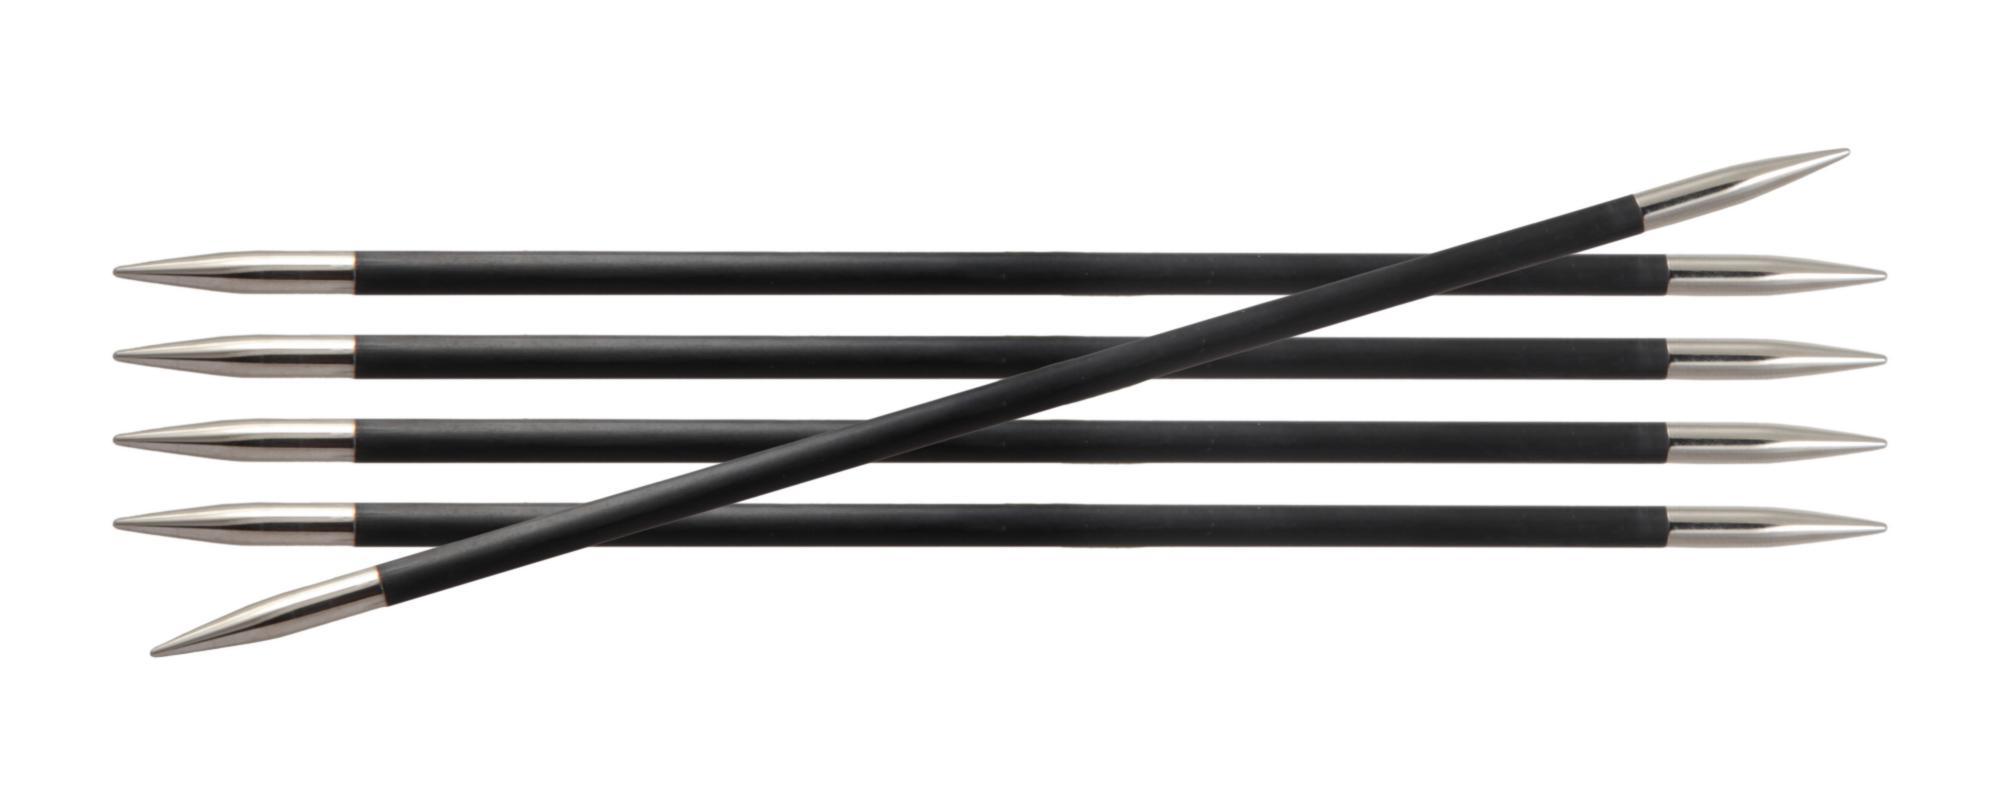 Спицы носочные 20 см Karbonz KnitPro, 41128, 3.00 мм